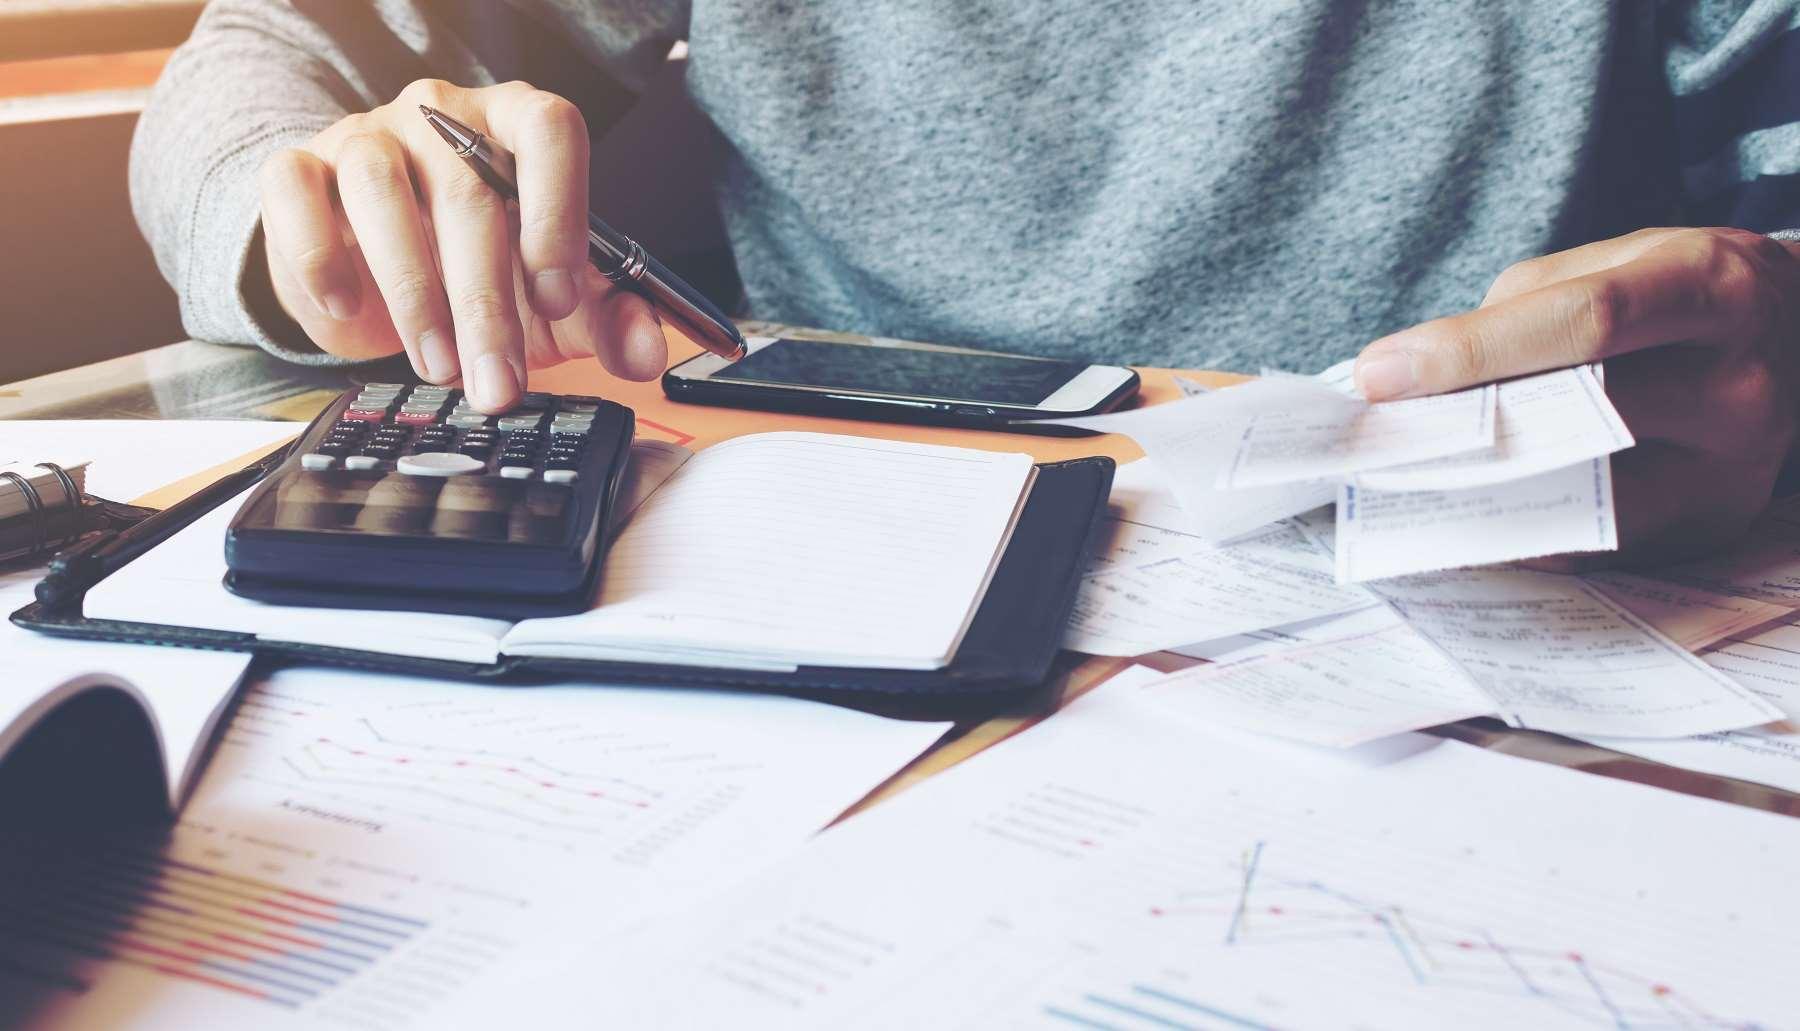 Czym są podwyższone koszty uzyskania przychodu i kiedy mają zastosowanie?